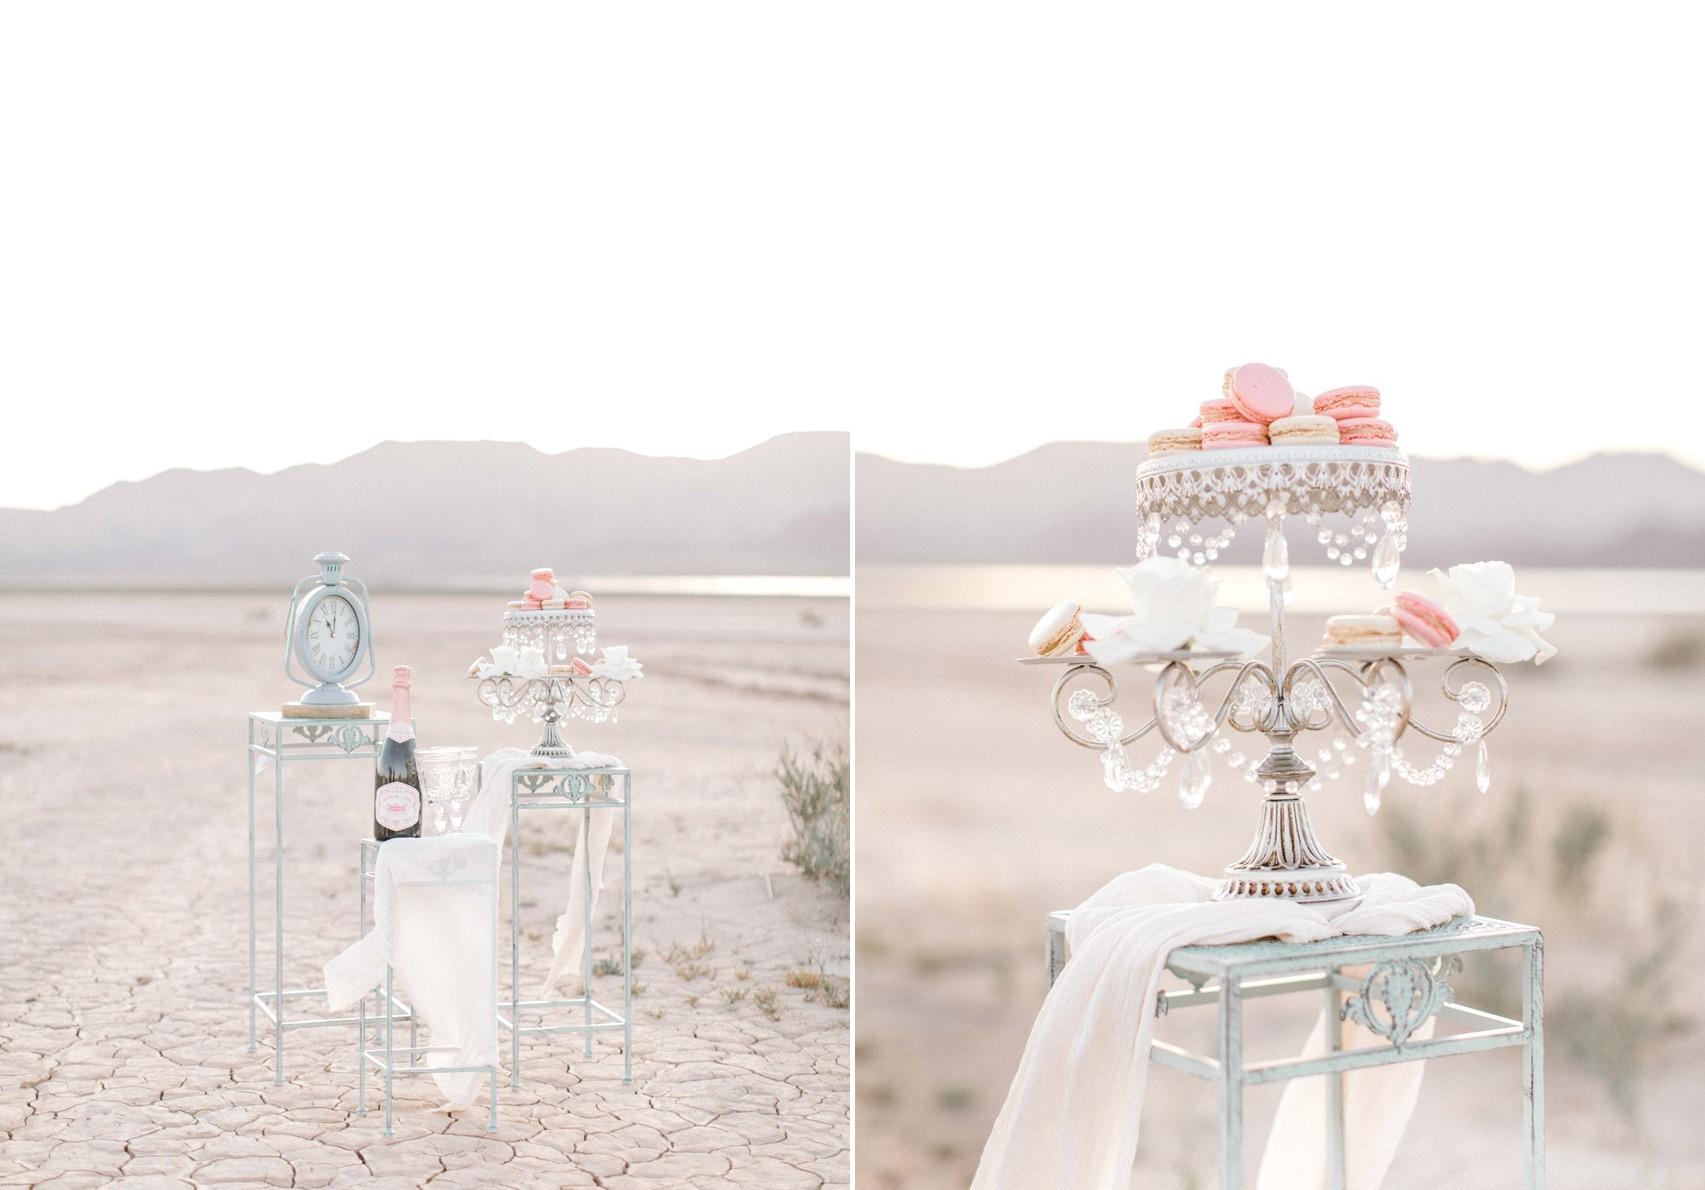 Desert Wedding Desserts